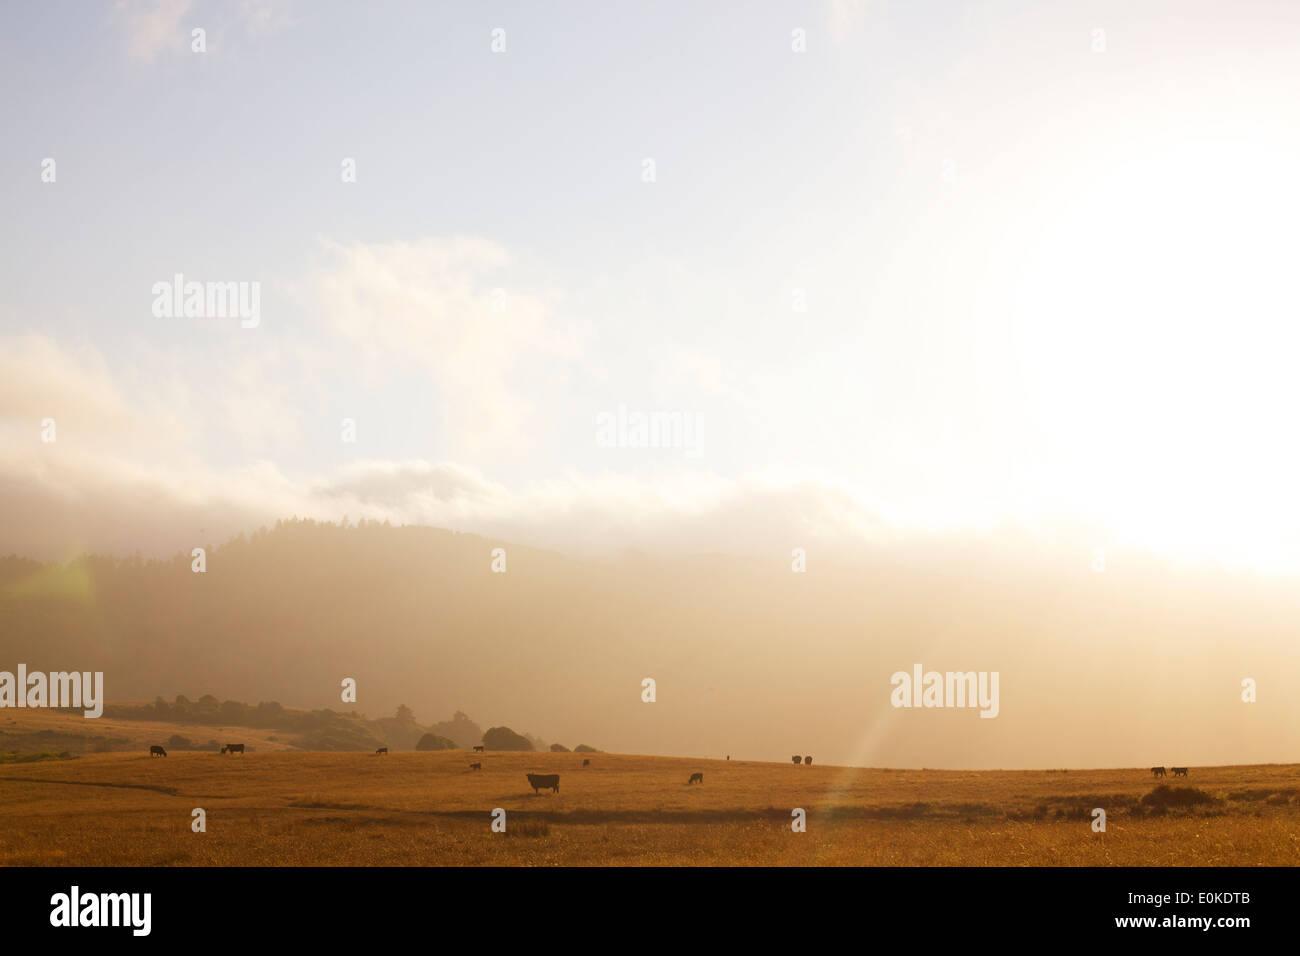 Le brouillard en rouleaux dans la distance d'un paysage de vaches qui paissent, silhouetté contre un coucher de soleil. Photo Stock